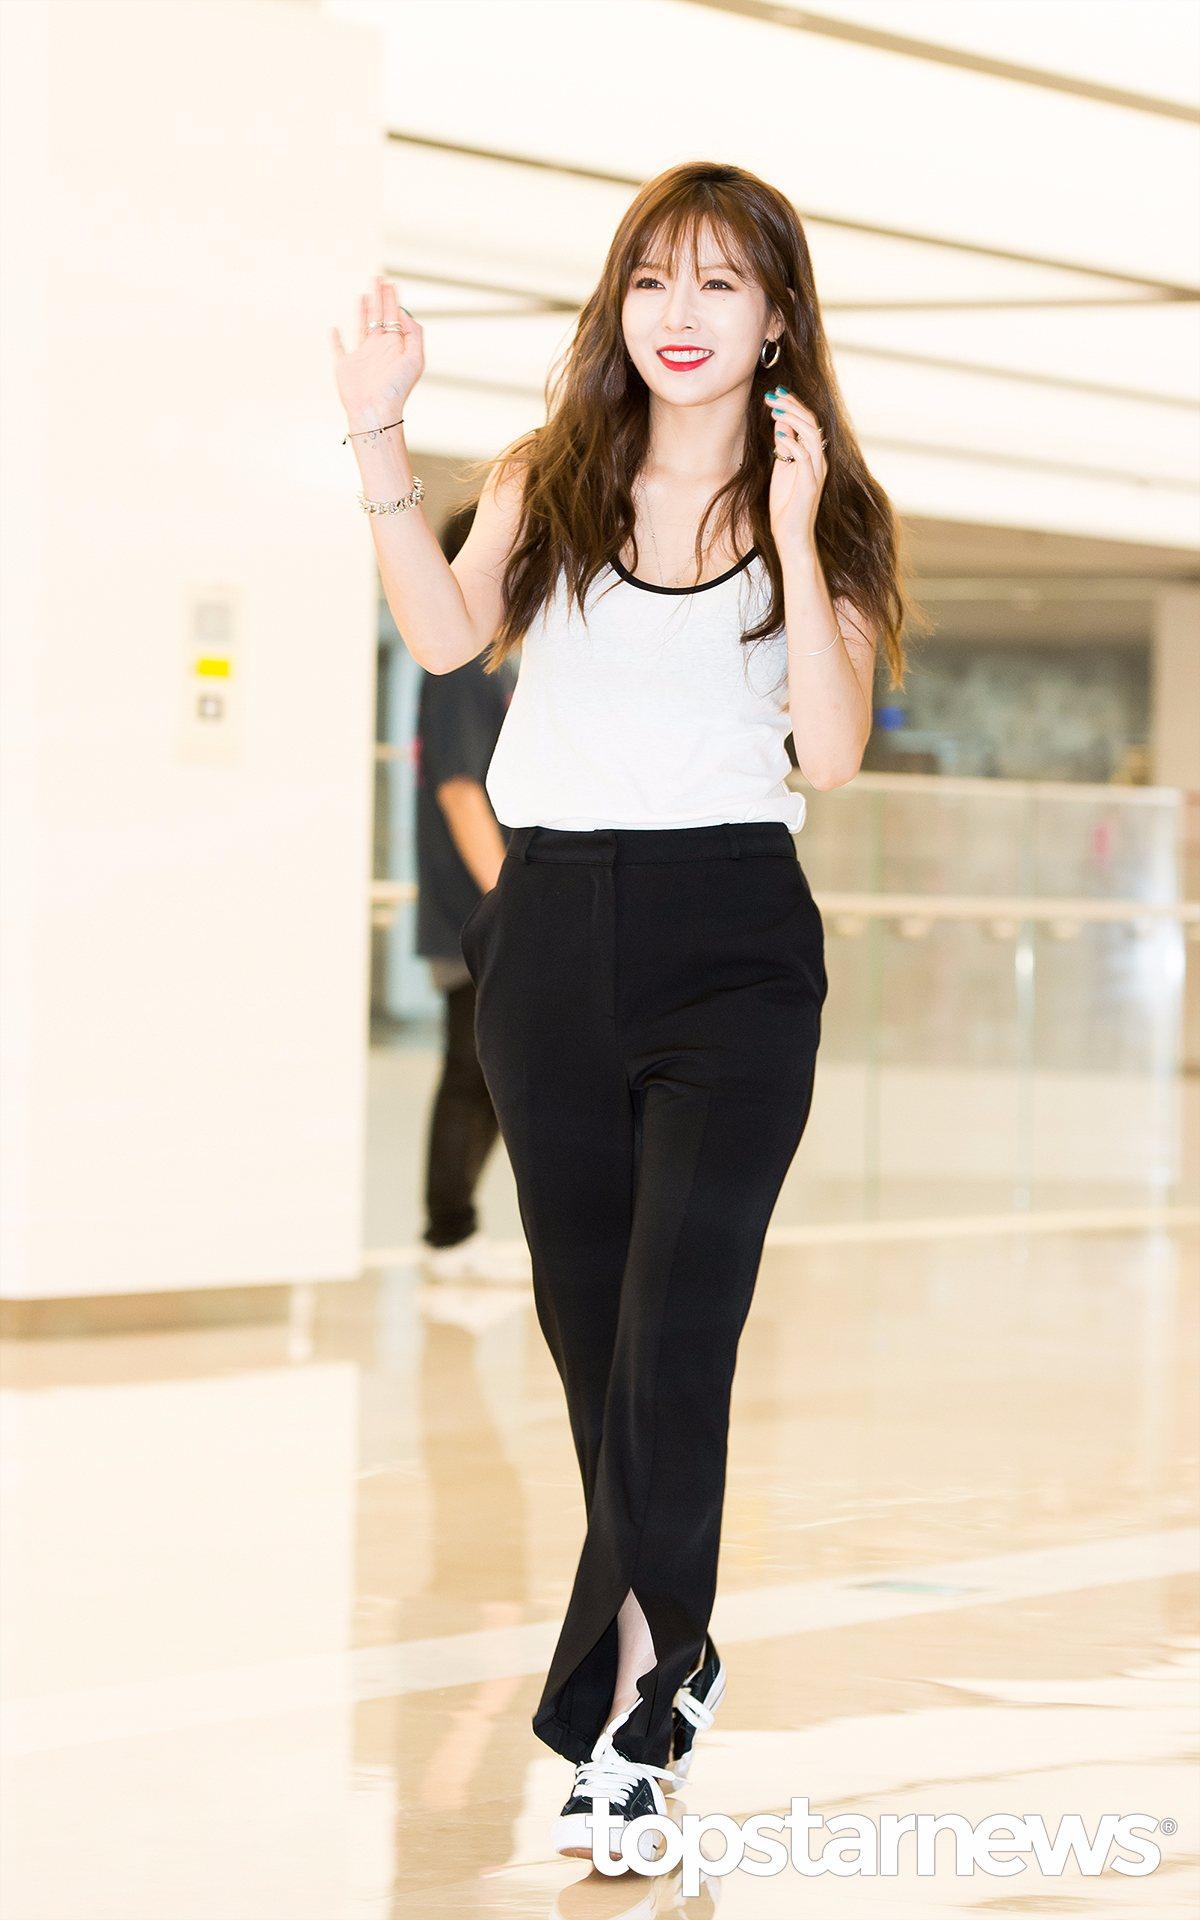 泫雅的這款褲腳處開口設計的喇叭褲非常特別,休閒款的無袖T搭偏正式款的西裝褲,如果配上高跟鞋也非常適合上班族。